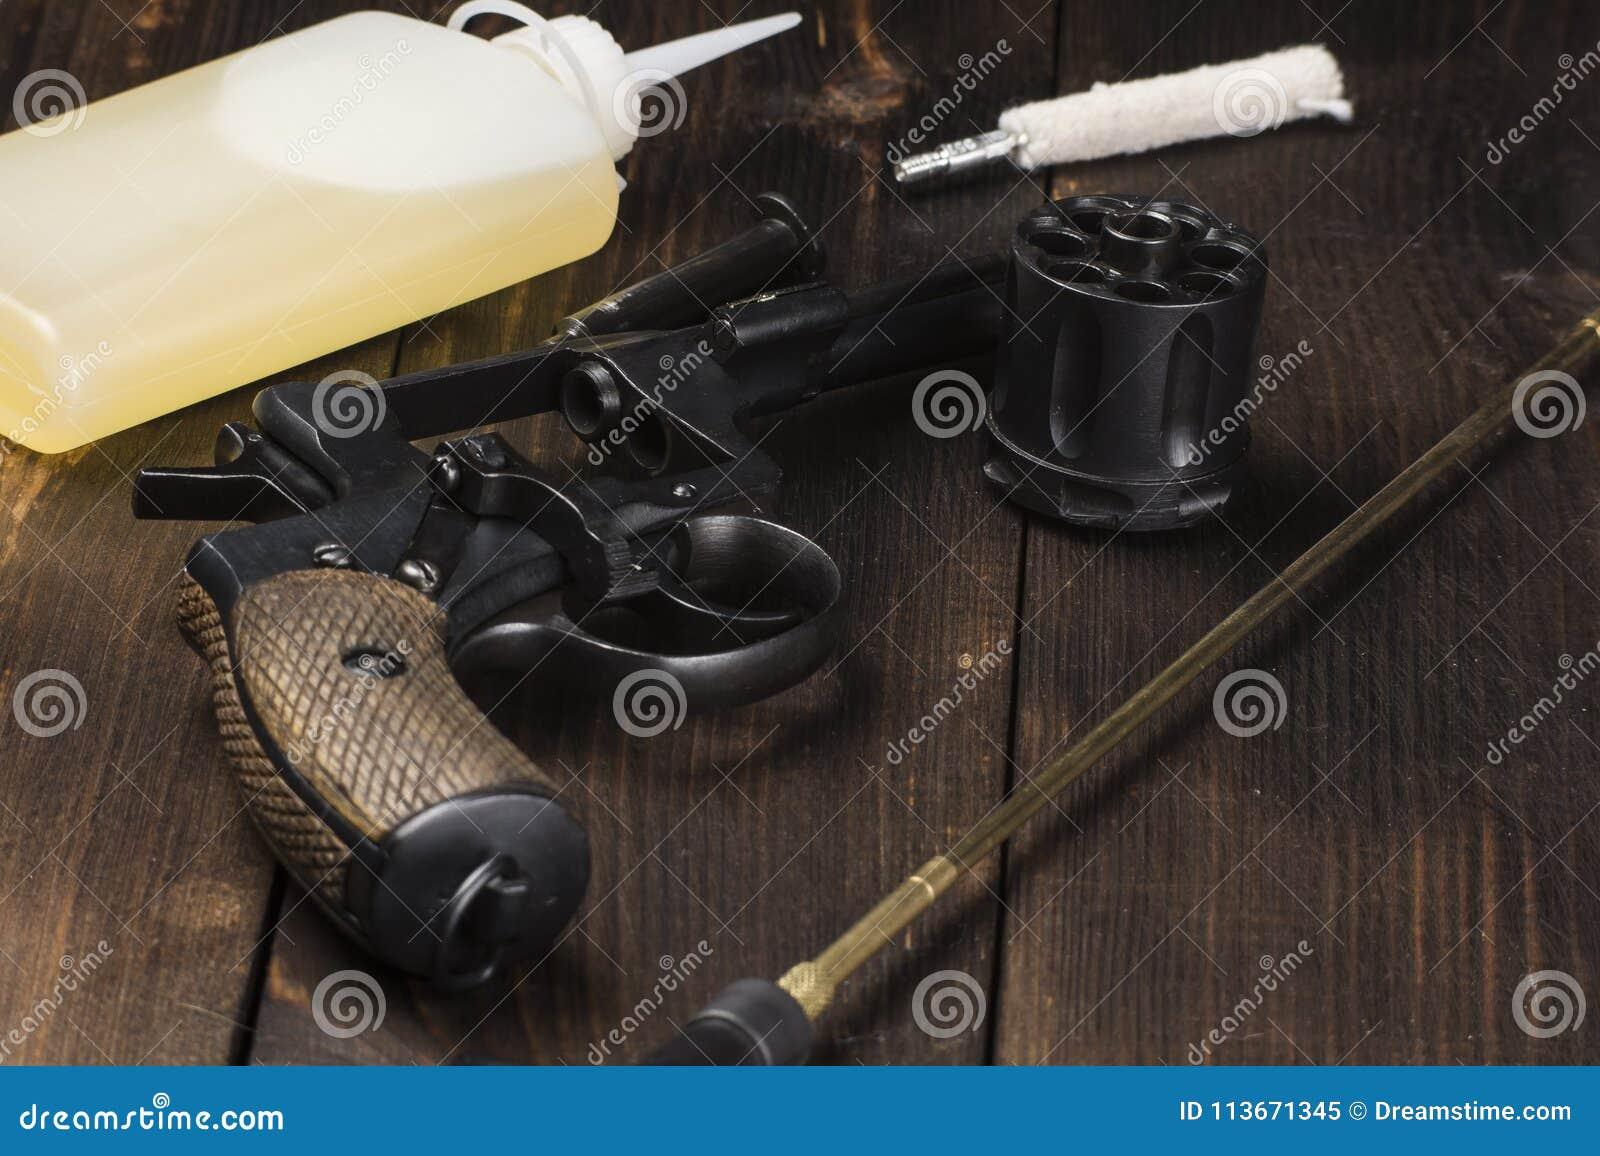 Limpando um revólver antigo em uma tabela